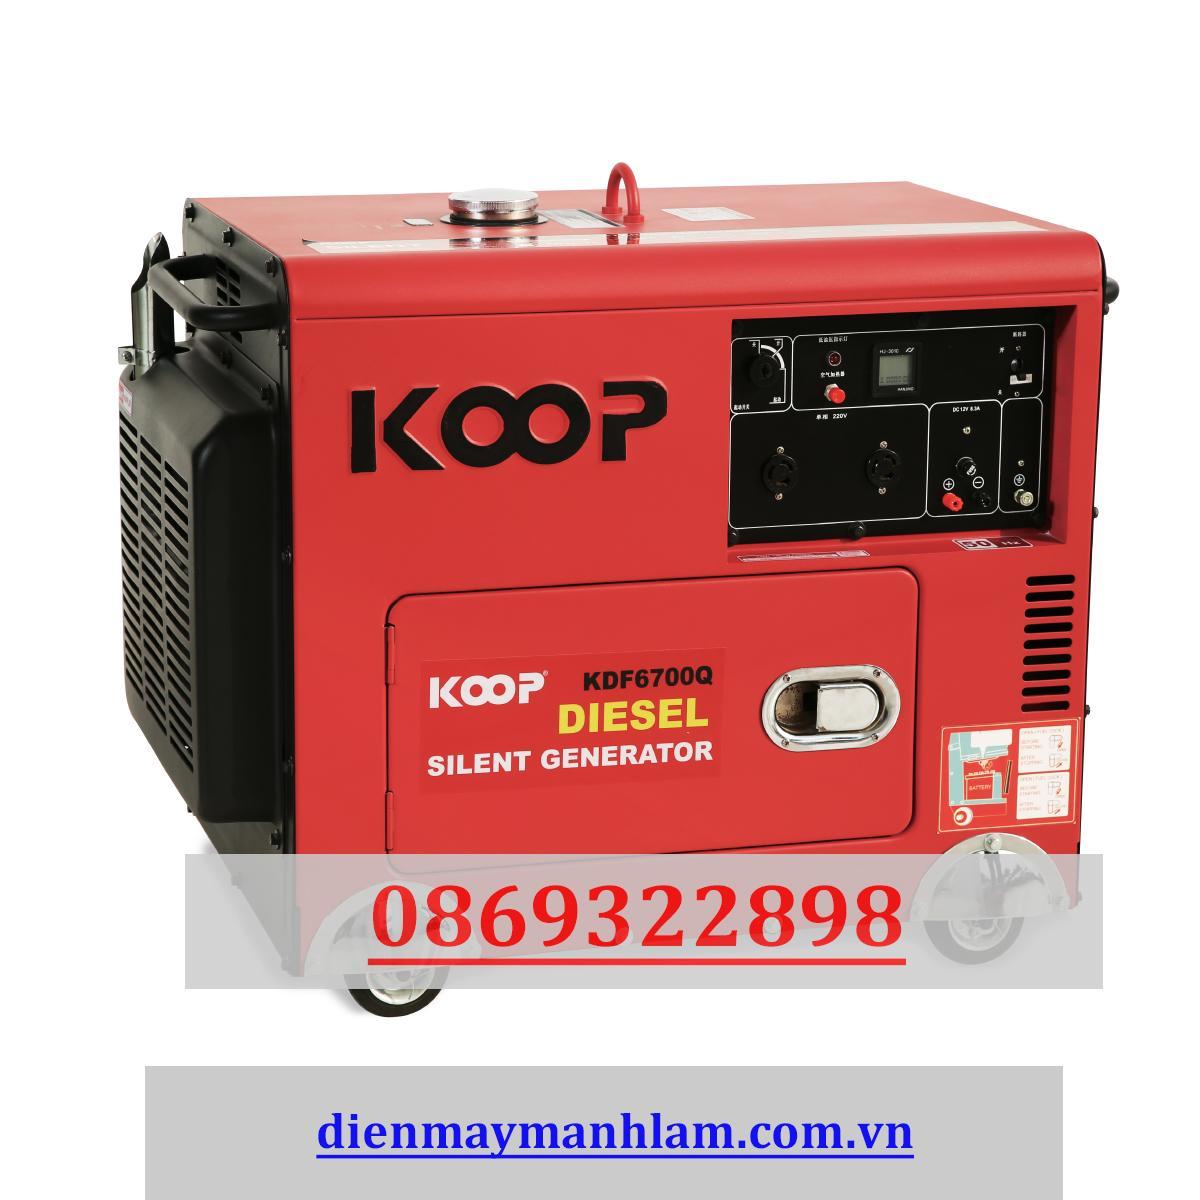 Máy phát điện nhật bản Siêu chống ồn Koop 8.5 kva KDF 8500QQ